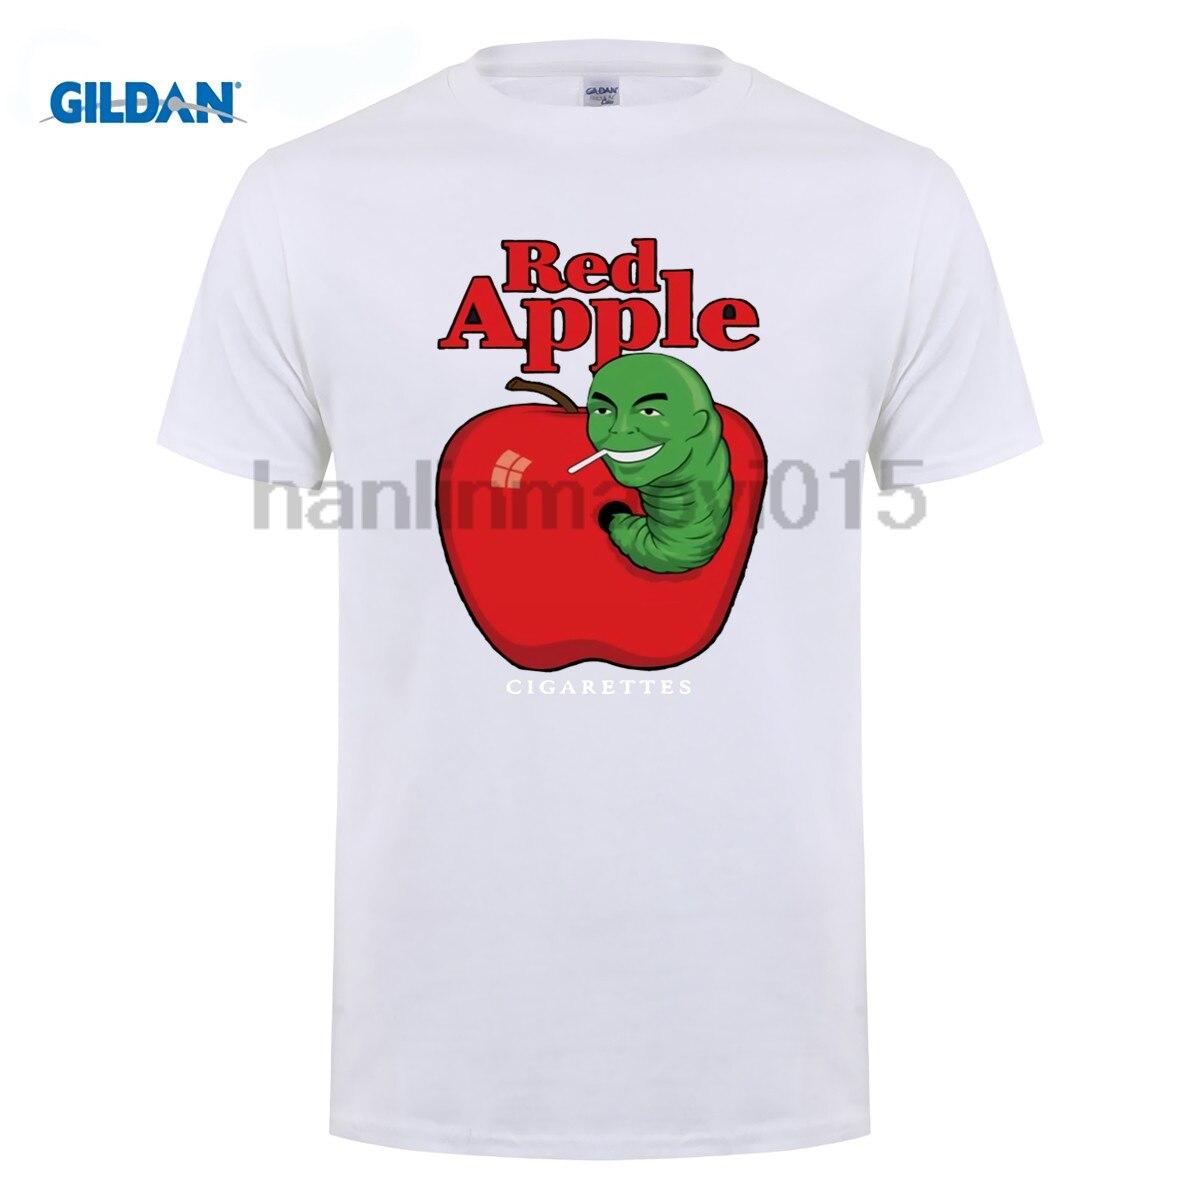 gildan-100-algodao-o-pescoco-t-shirt-impresso-cigarros-red-camiseta-font-b-tarantino-b-font-falso-marca